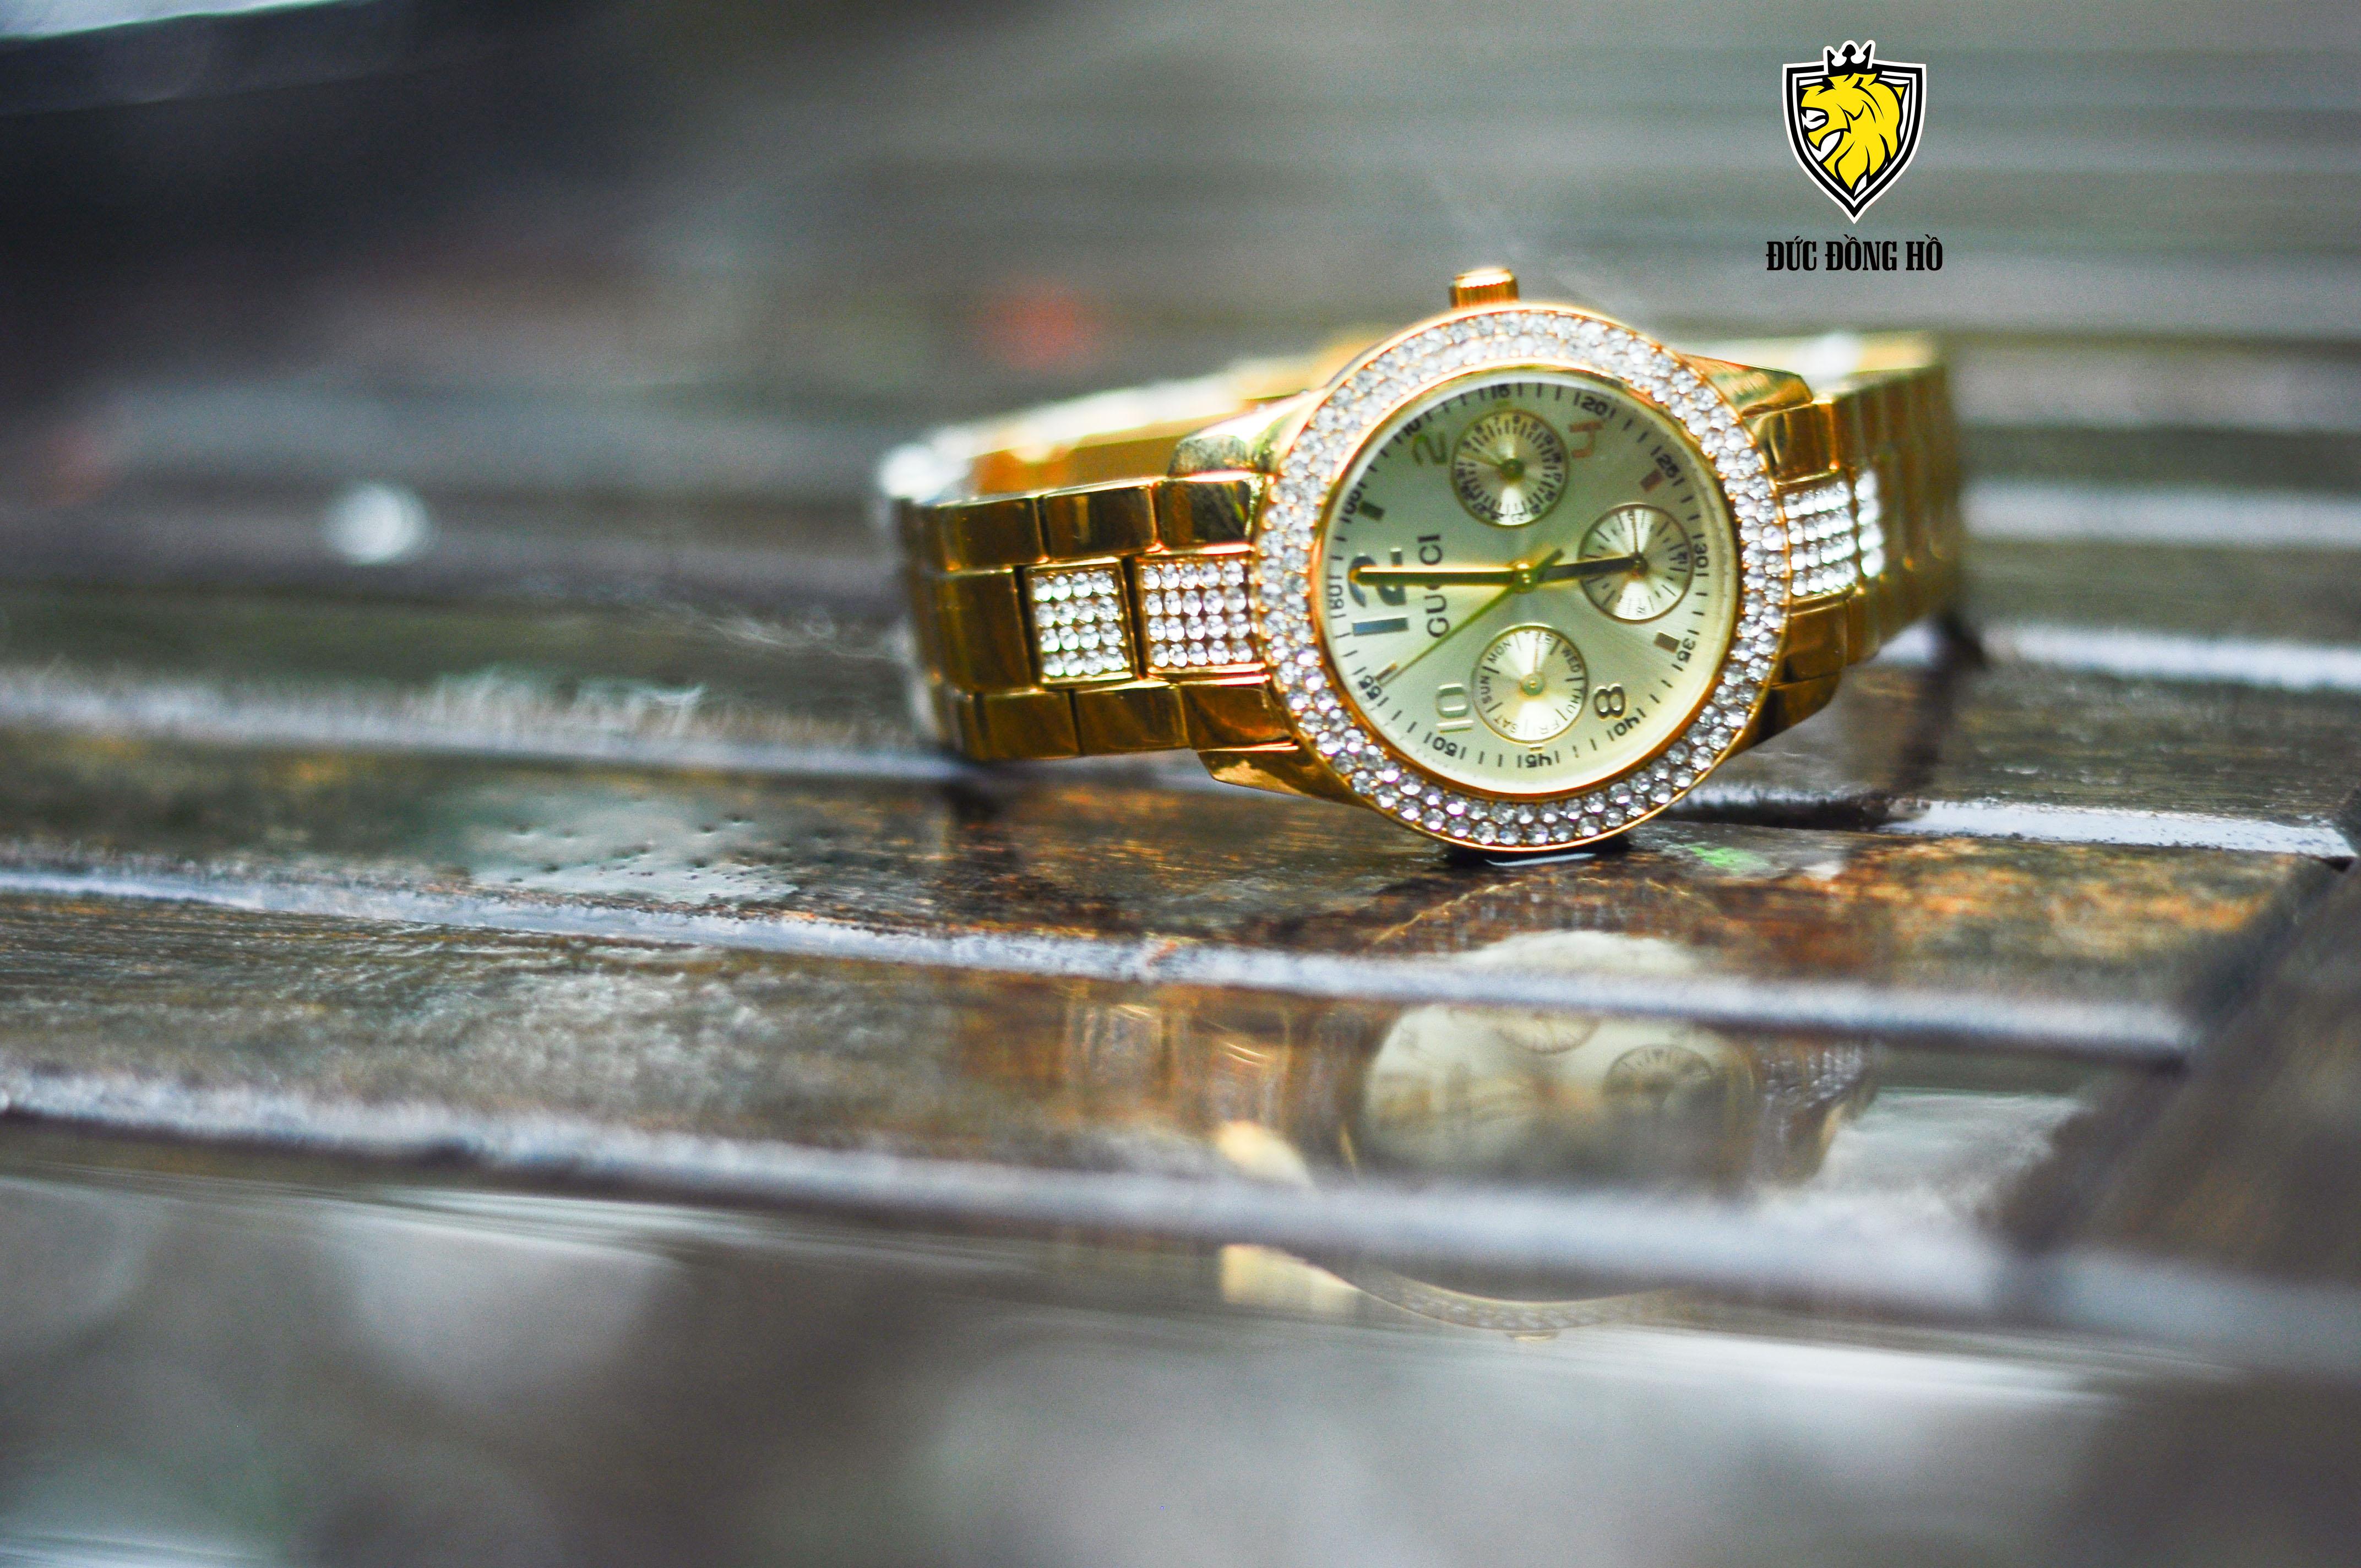 Đồng Hồ Gucci Nữ 102